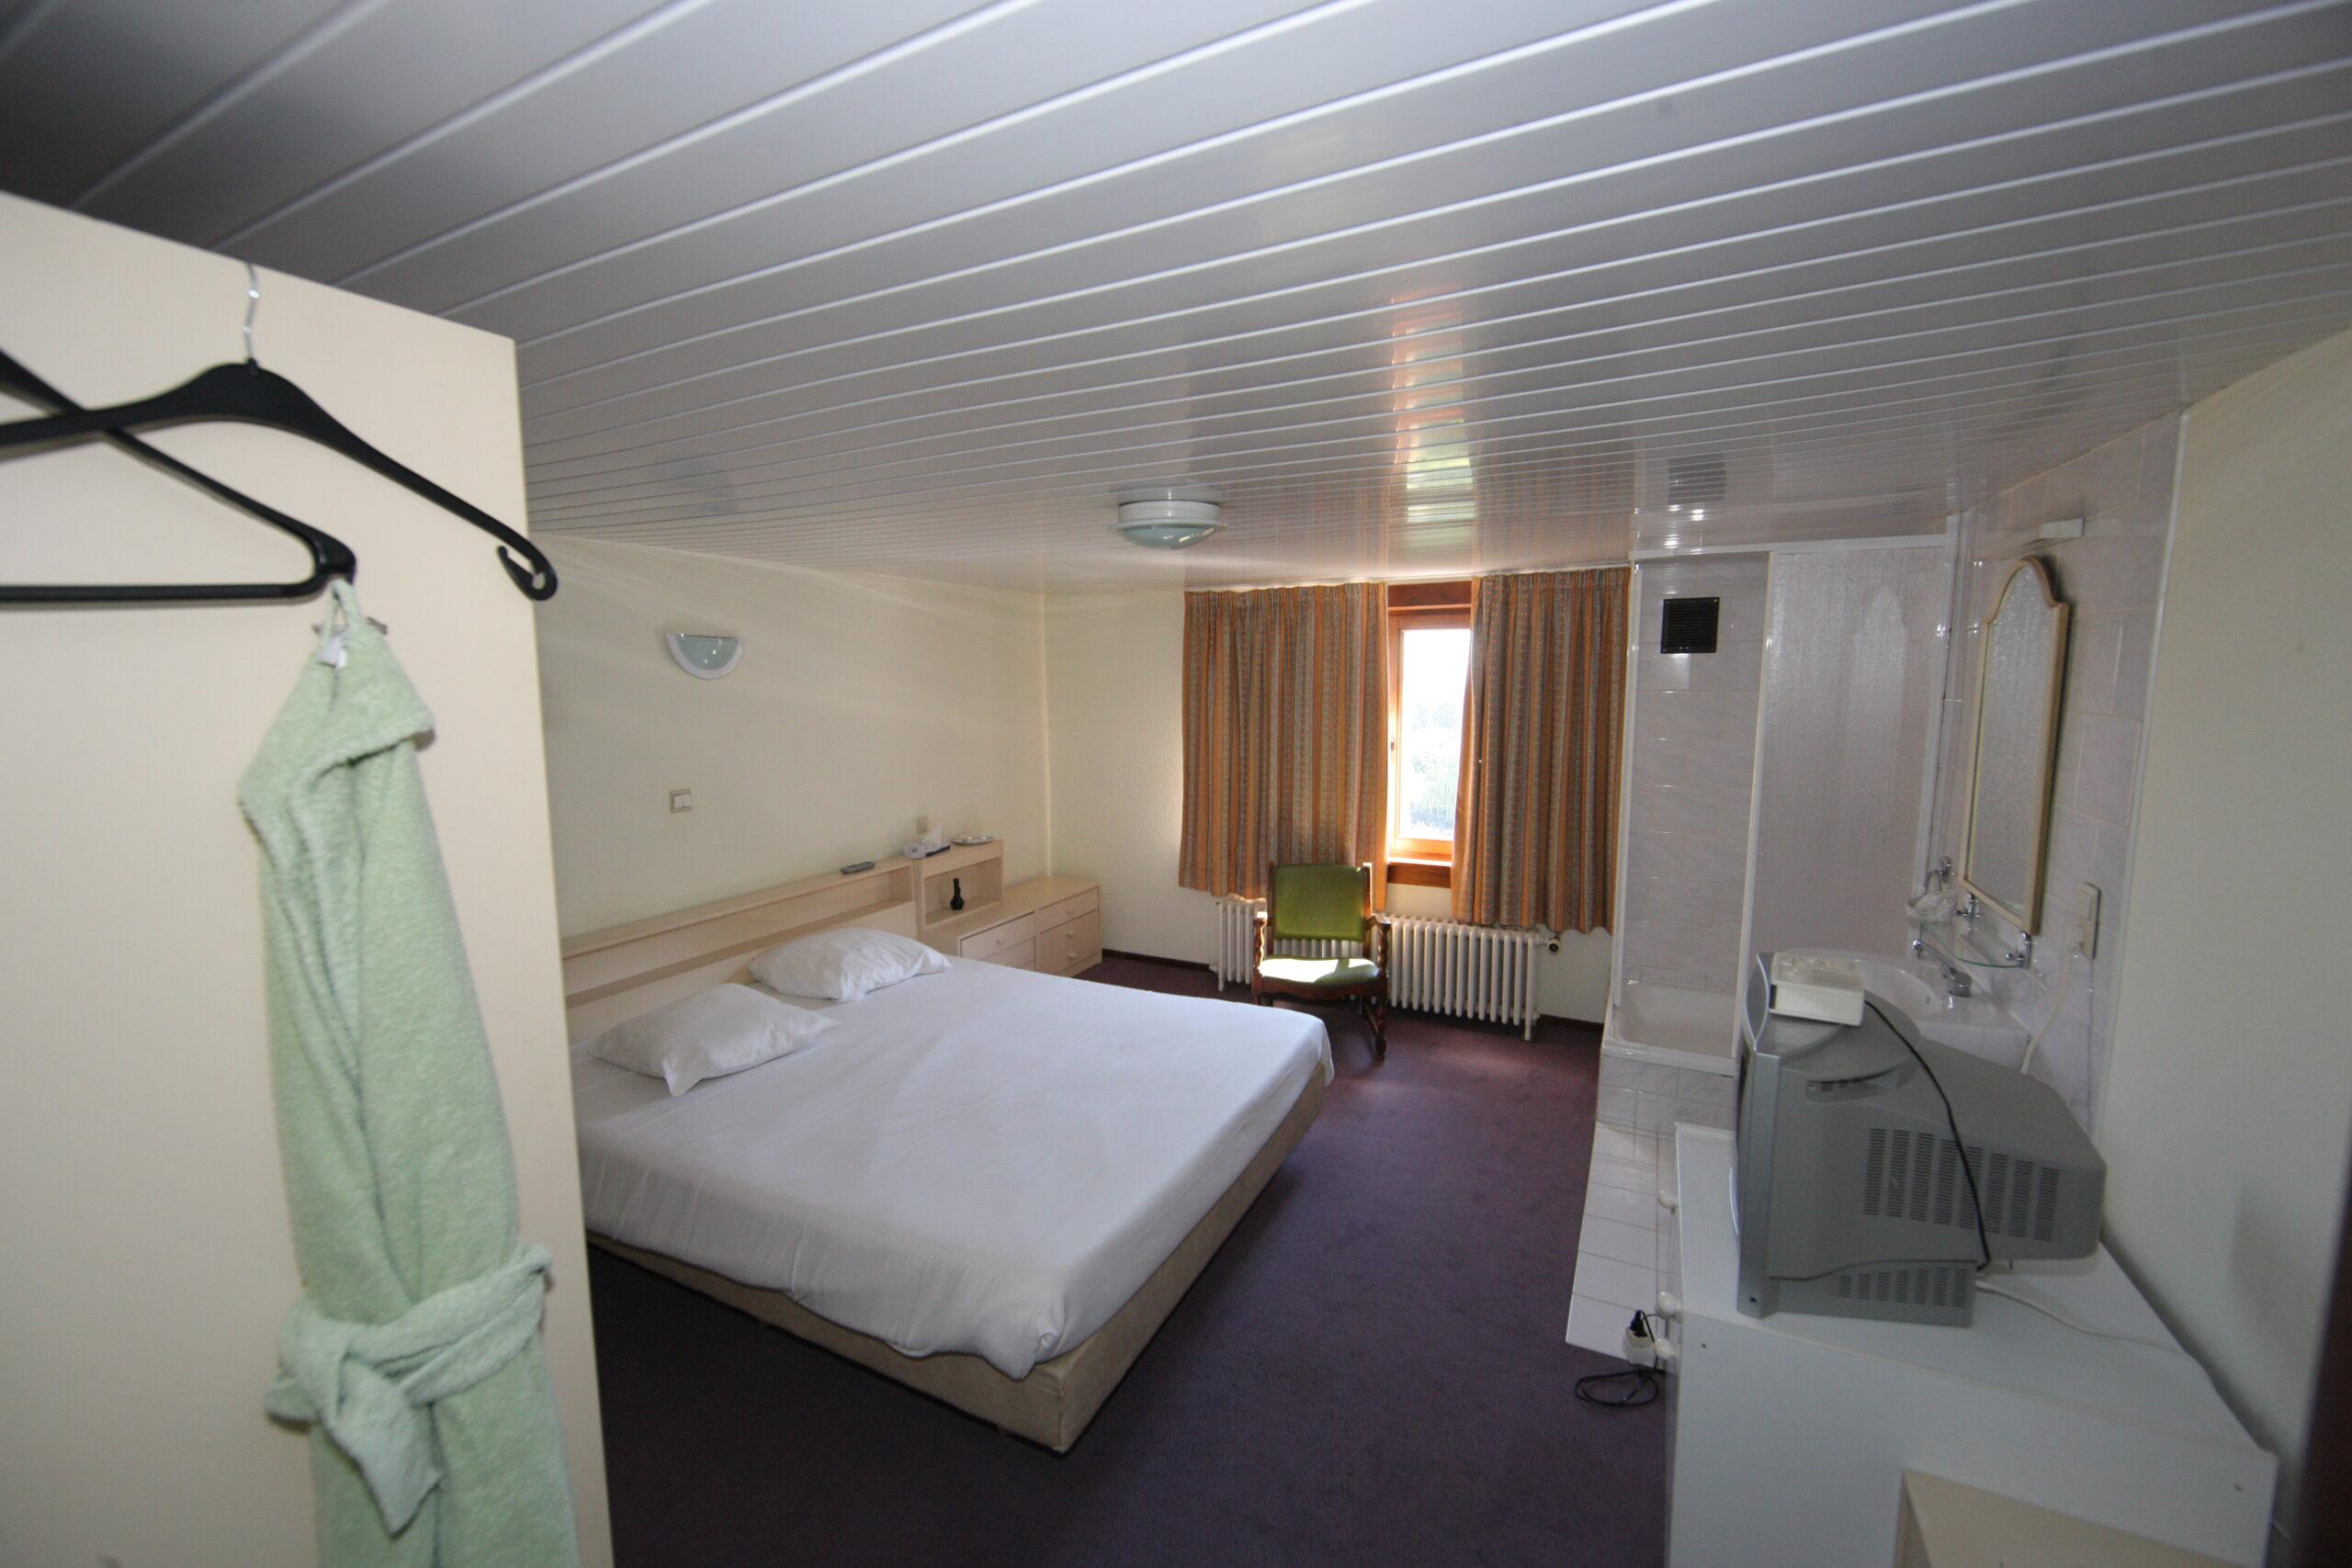 Waar nu VIP Kamer 202 is bevonden zich vroeger twee kamers voor het personeel: een kamer (nog gebruikt door een chef-kok) en een omkleedruimte. Er werd een doorgang gemaakt tussen deze twee kamers en ze werden volledig gestript en opnieuw aangekleed met kwaliteitsmaterialen.